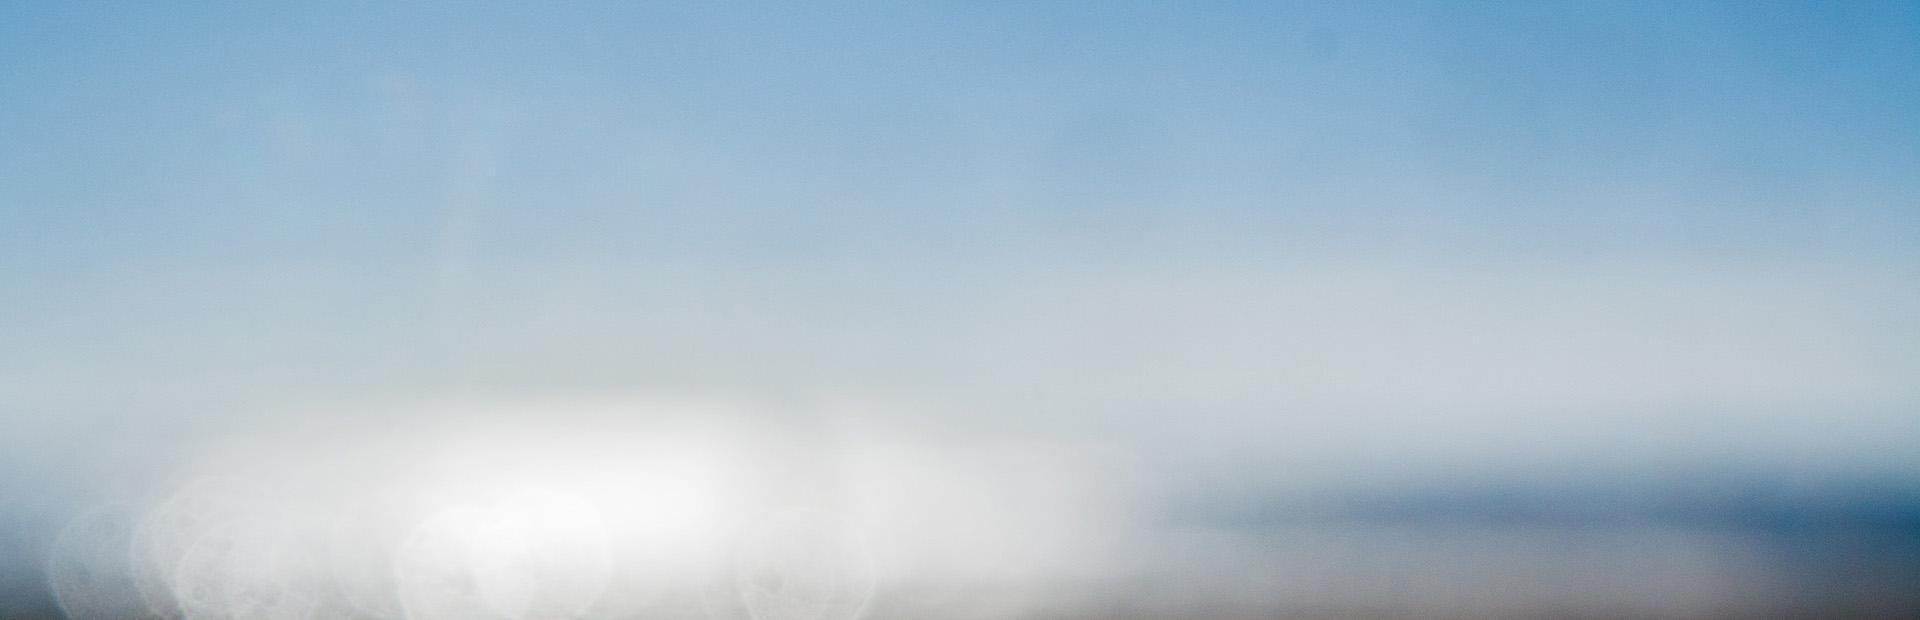 SolNode - Cloud Backup Platform